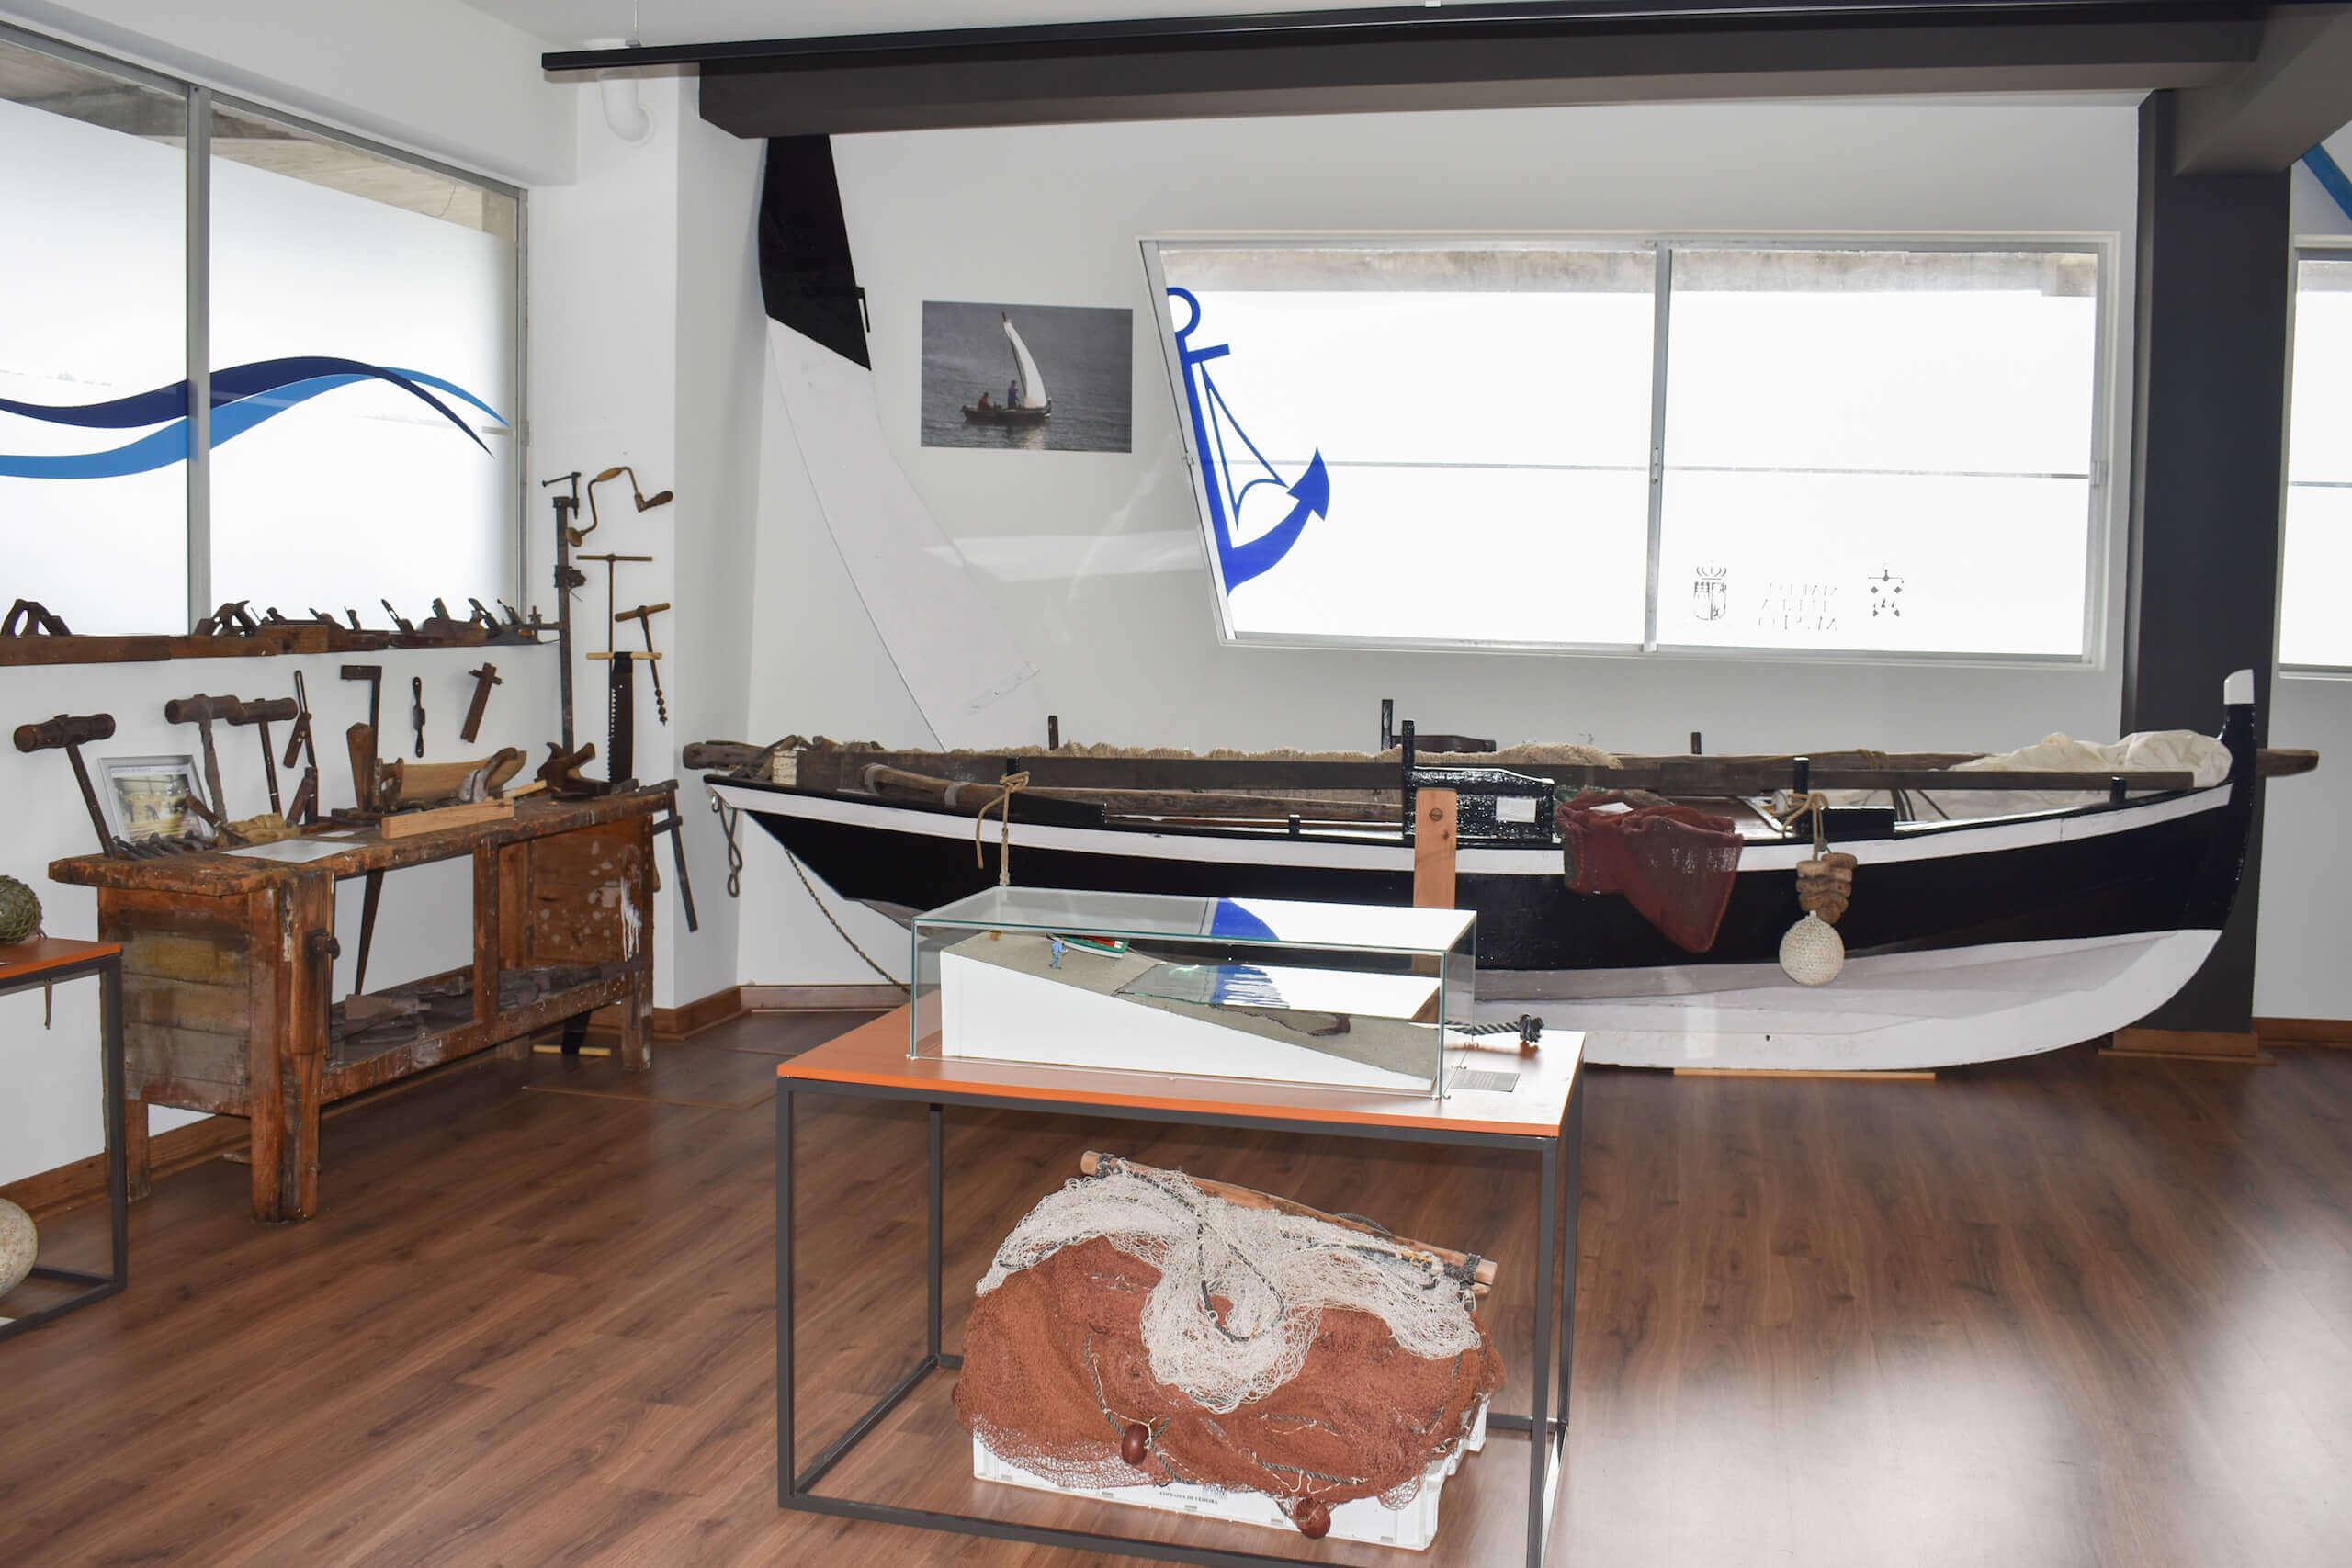 Embarcaciones en la sala de embarcacionesEjemplo de embarcaciones tipicas de Cedeira - Museo Mares de Cedeira